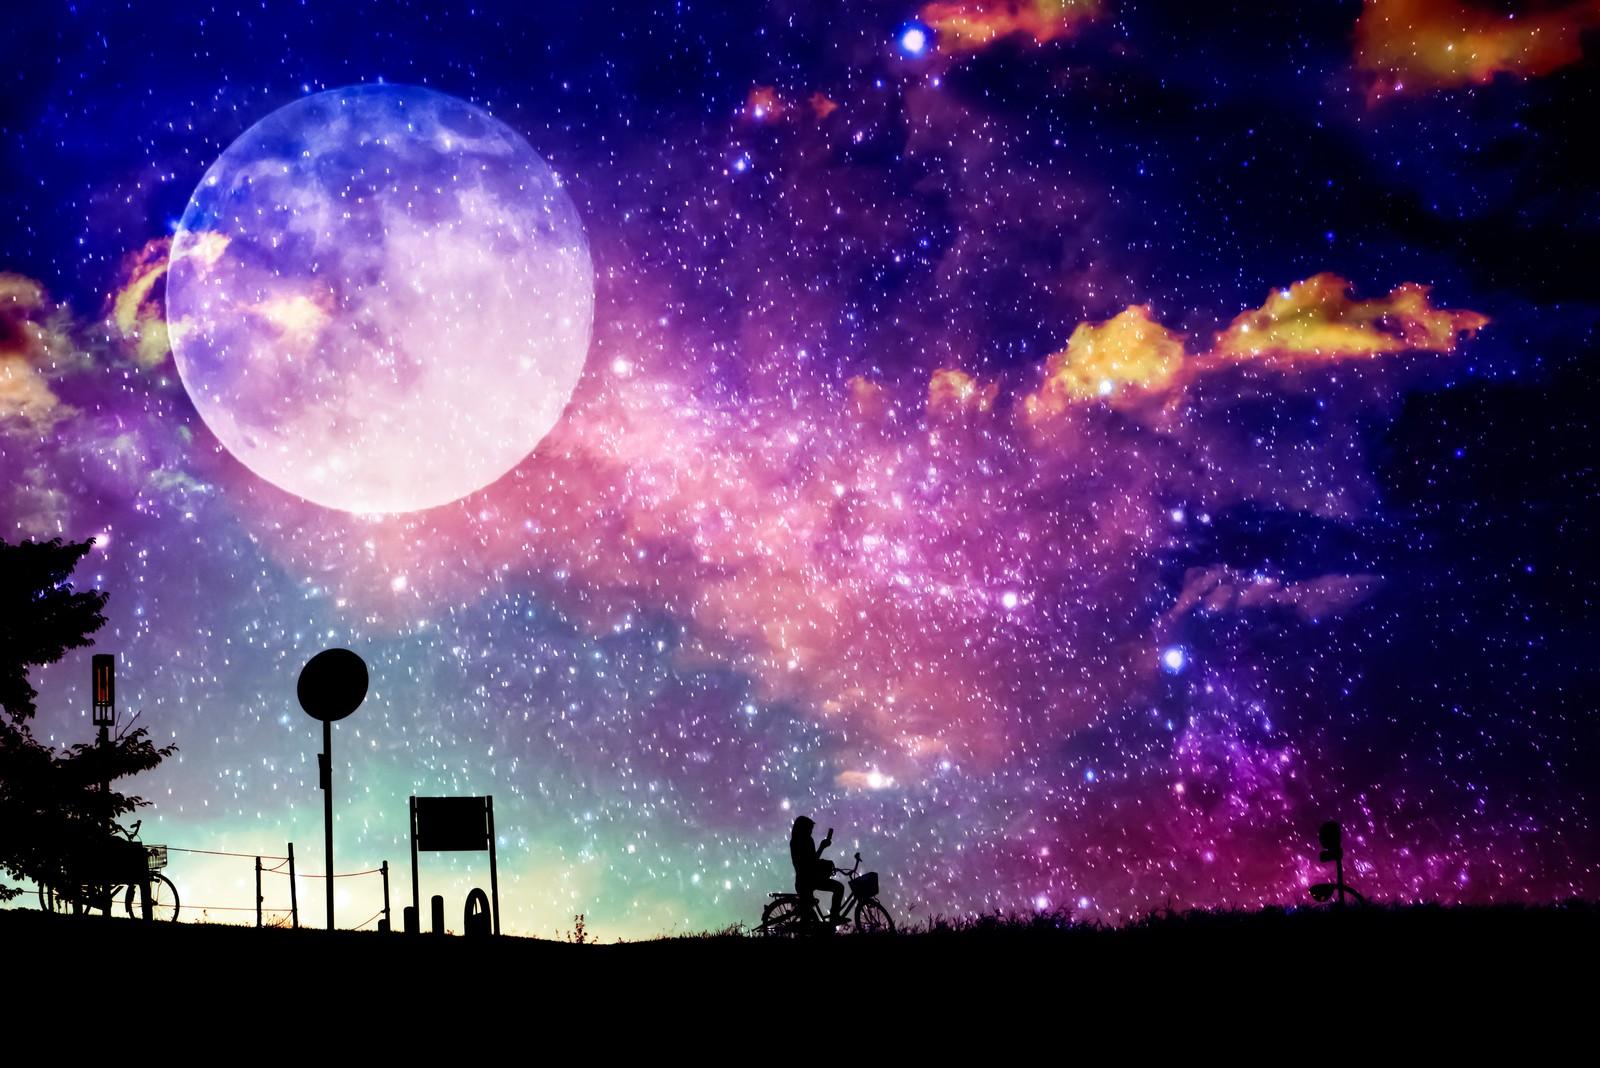 今夜はストロベリームーン♪満月を見て、幸せをゲットしよう^^